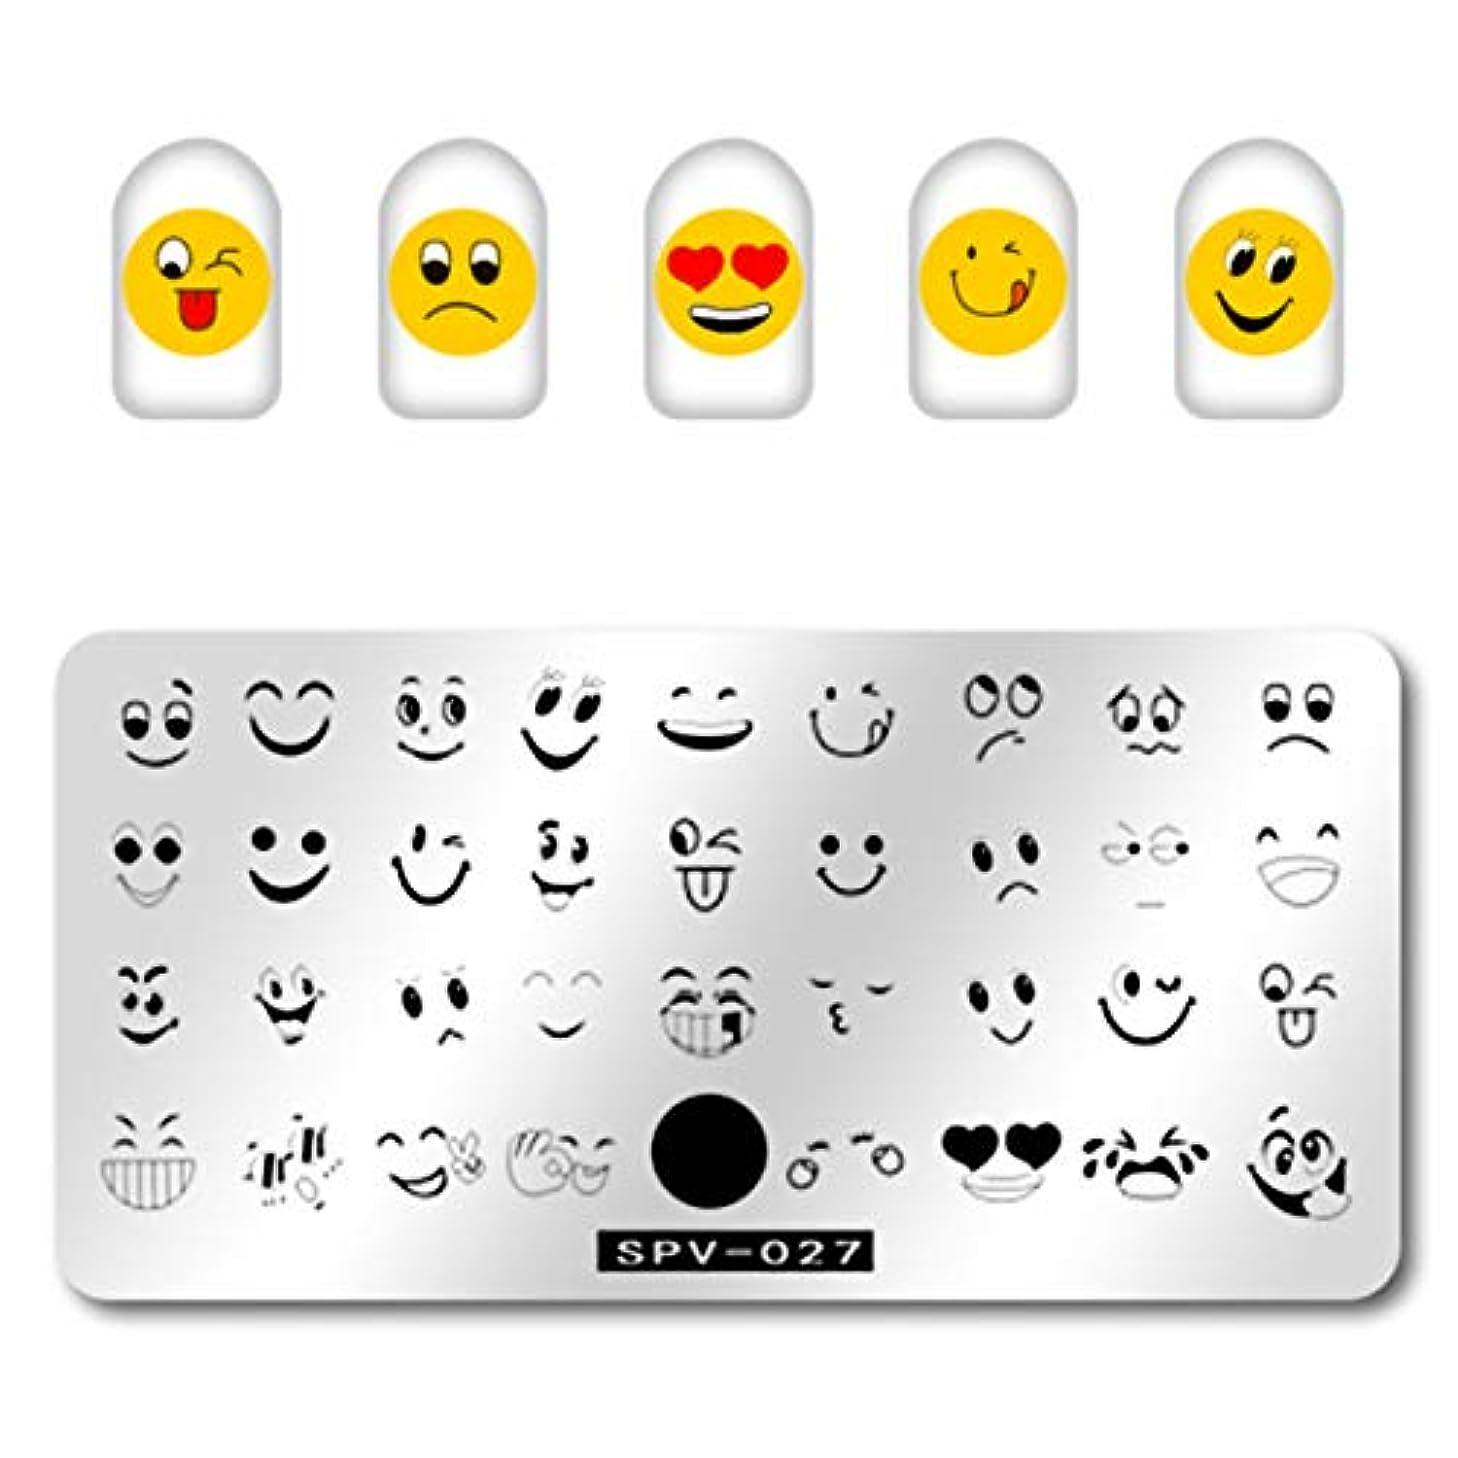 言語水分スープWadachikis 1Pcs New Stainless Steel Flower Emoji Star DIY Nail Art Image Stamp Stamping Plates Manicure Template...